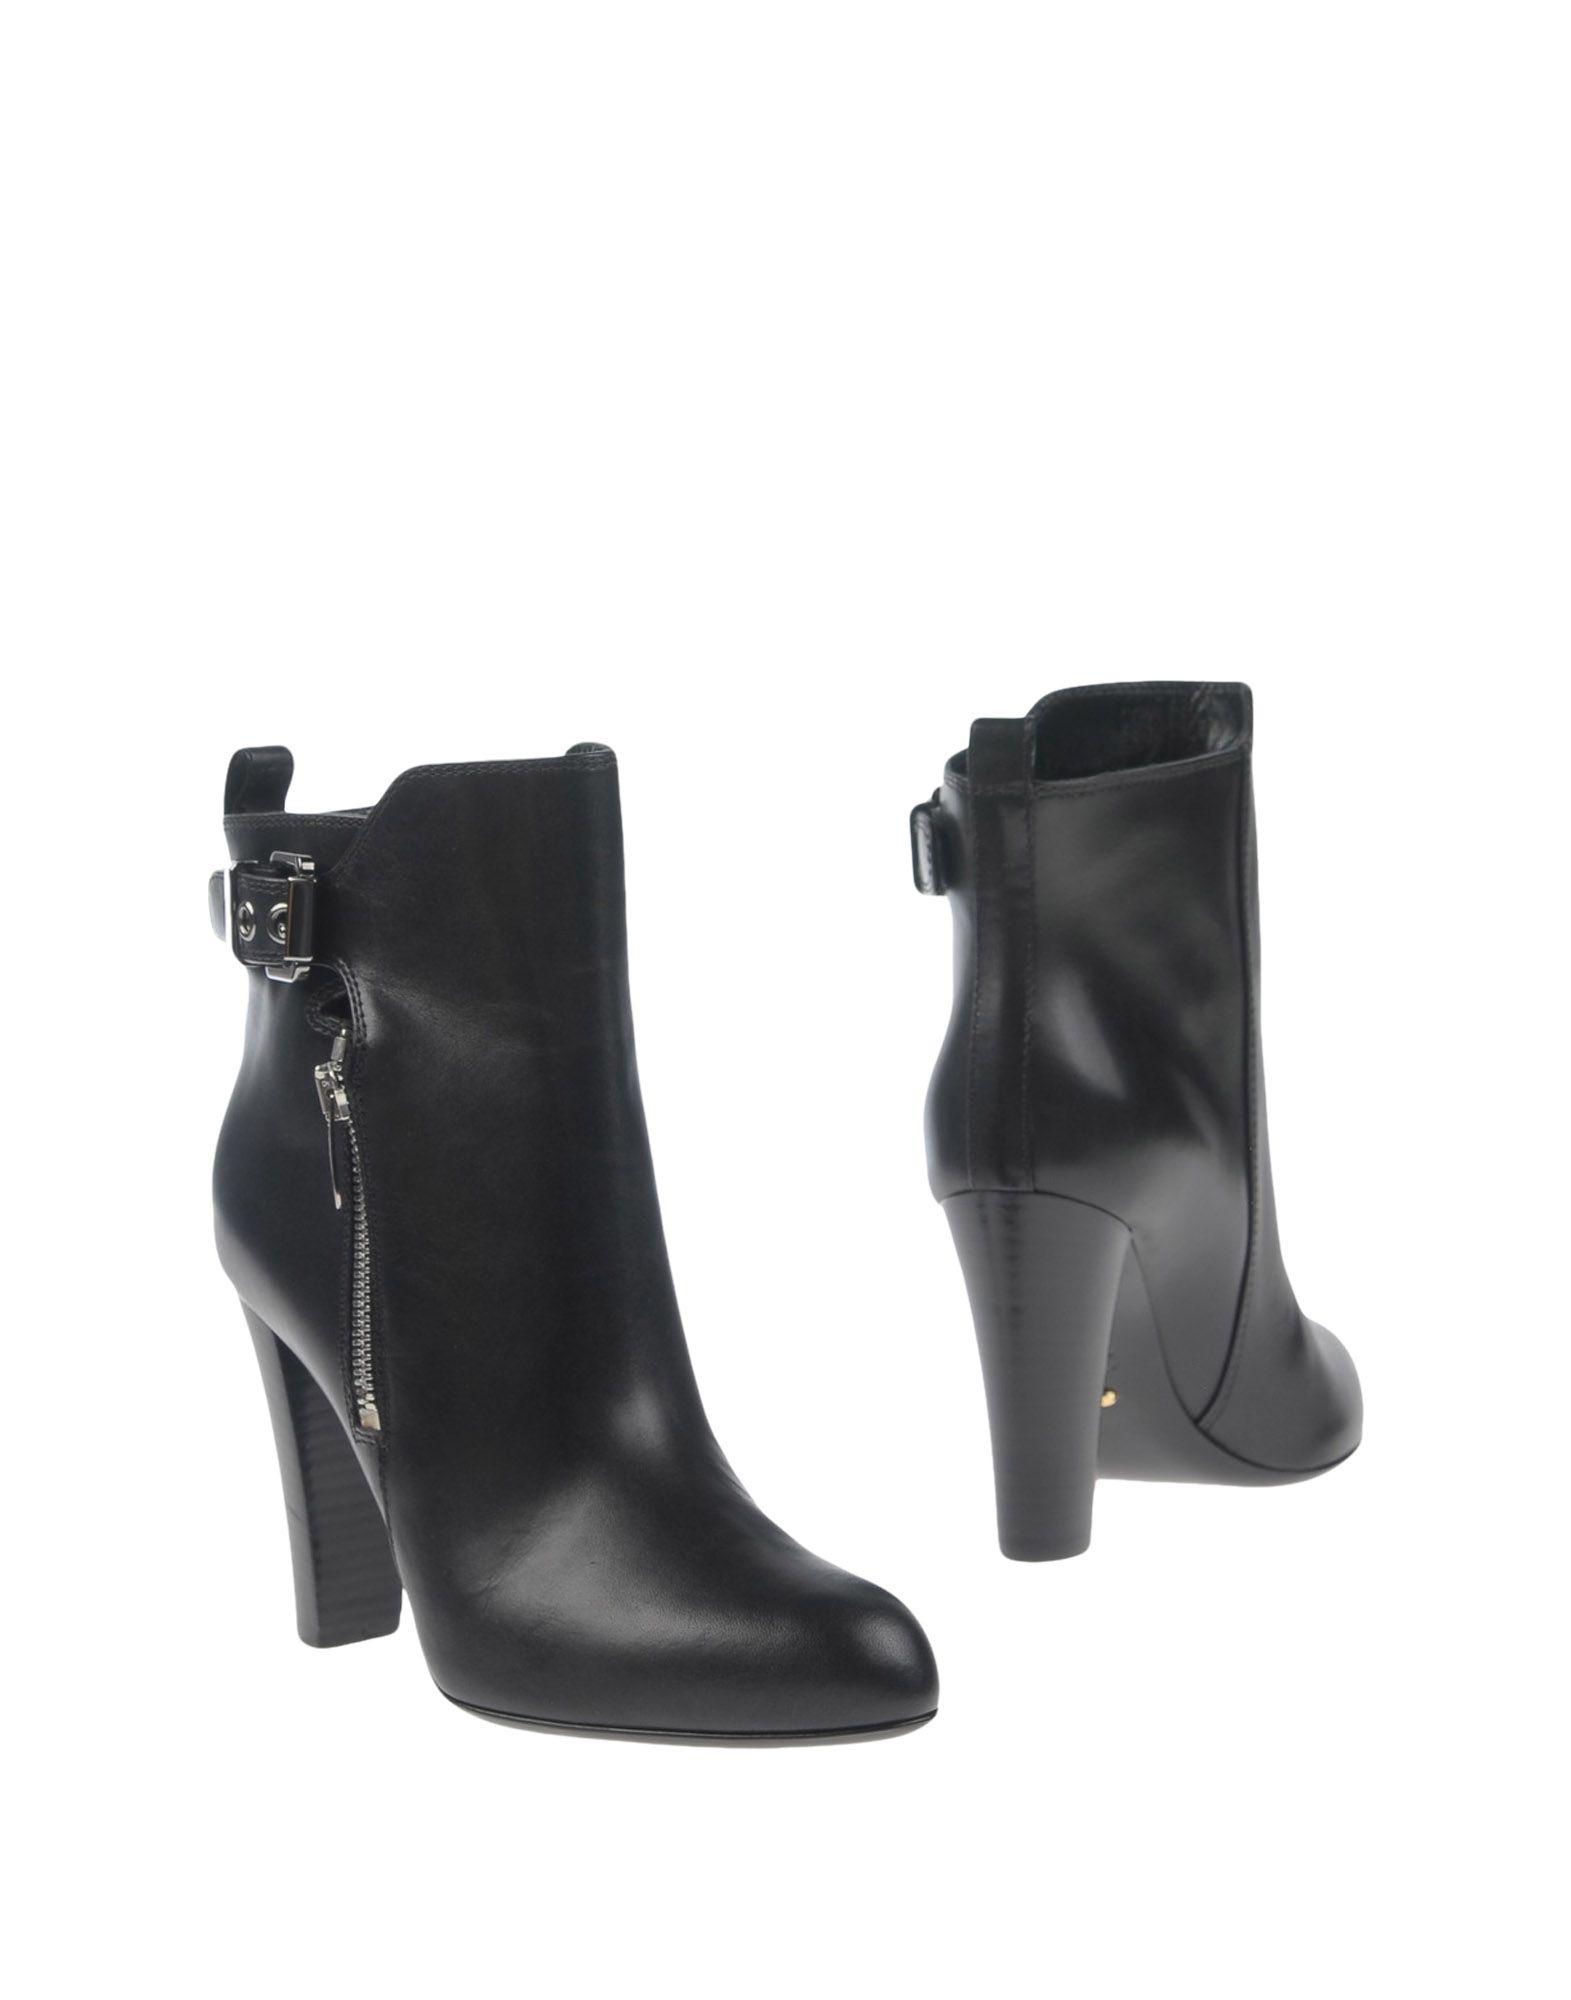 Sergio Rossi Stiefelette gut Damen  11286342XAGünstige gut Stiefelette aussehende Schuhe 1b6983